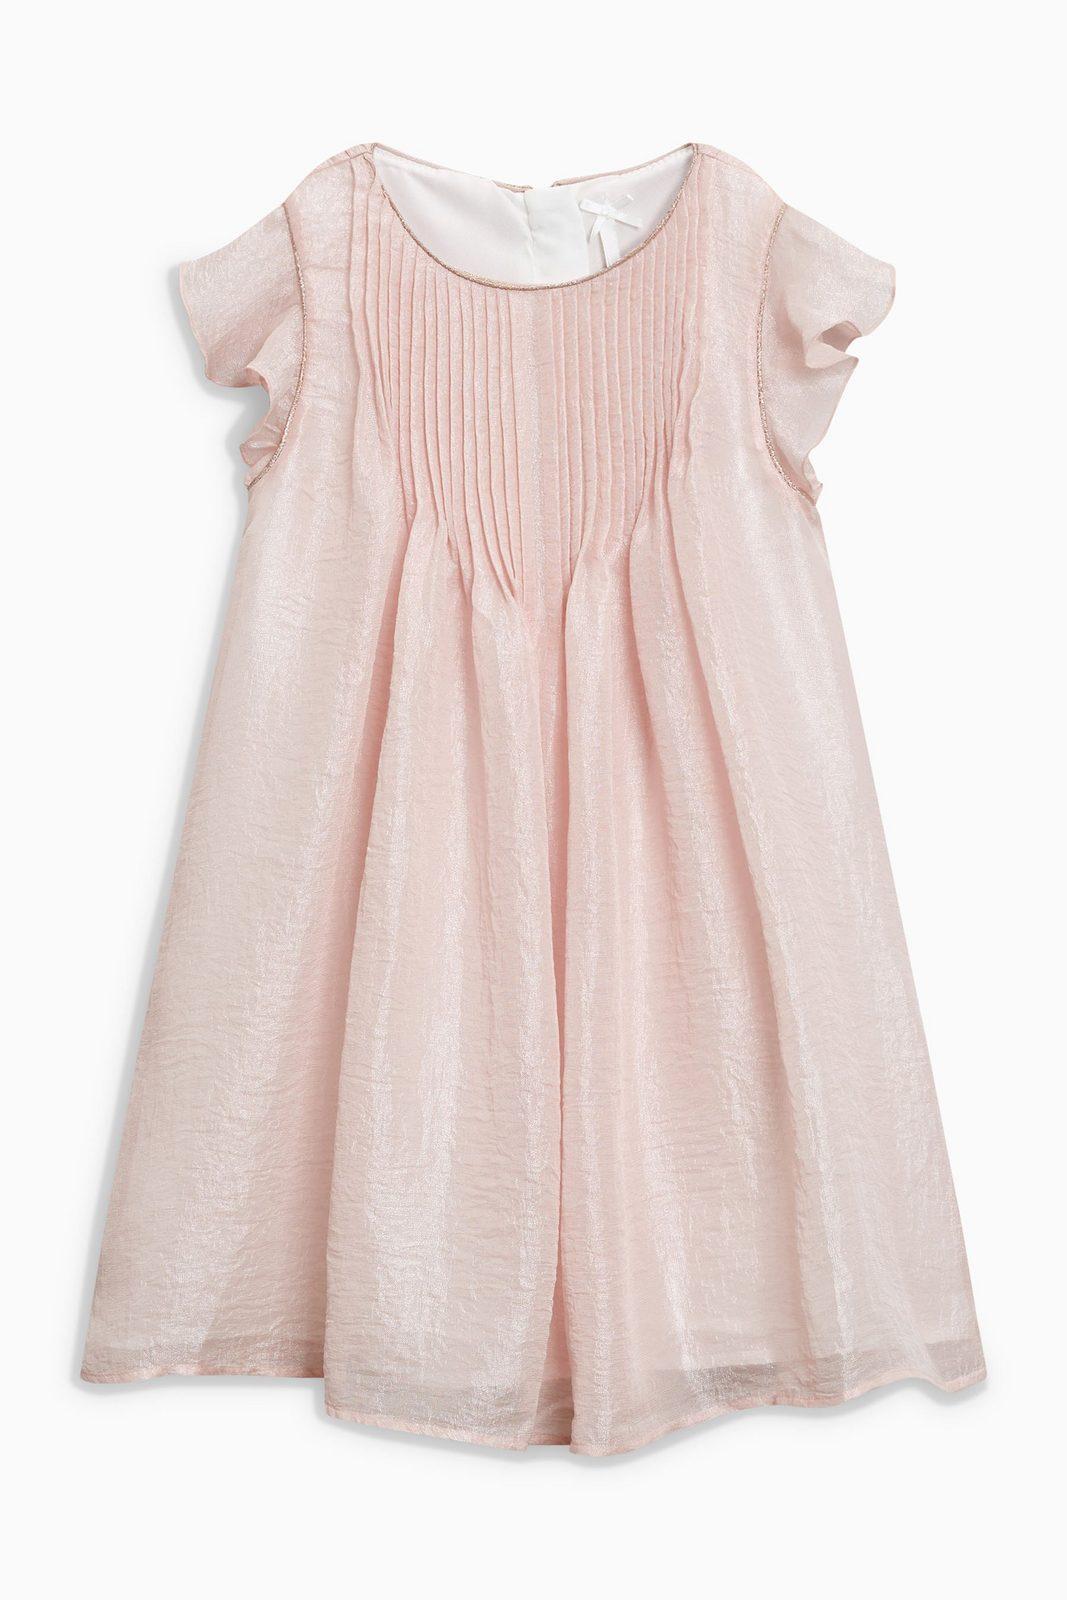 Next Kleid mit Biesen